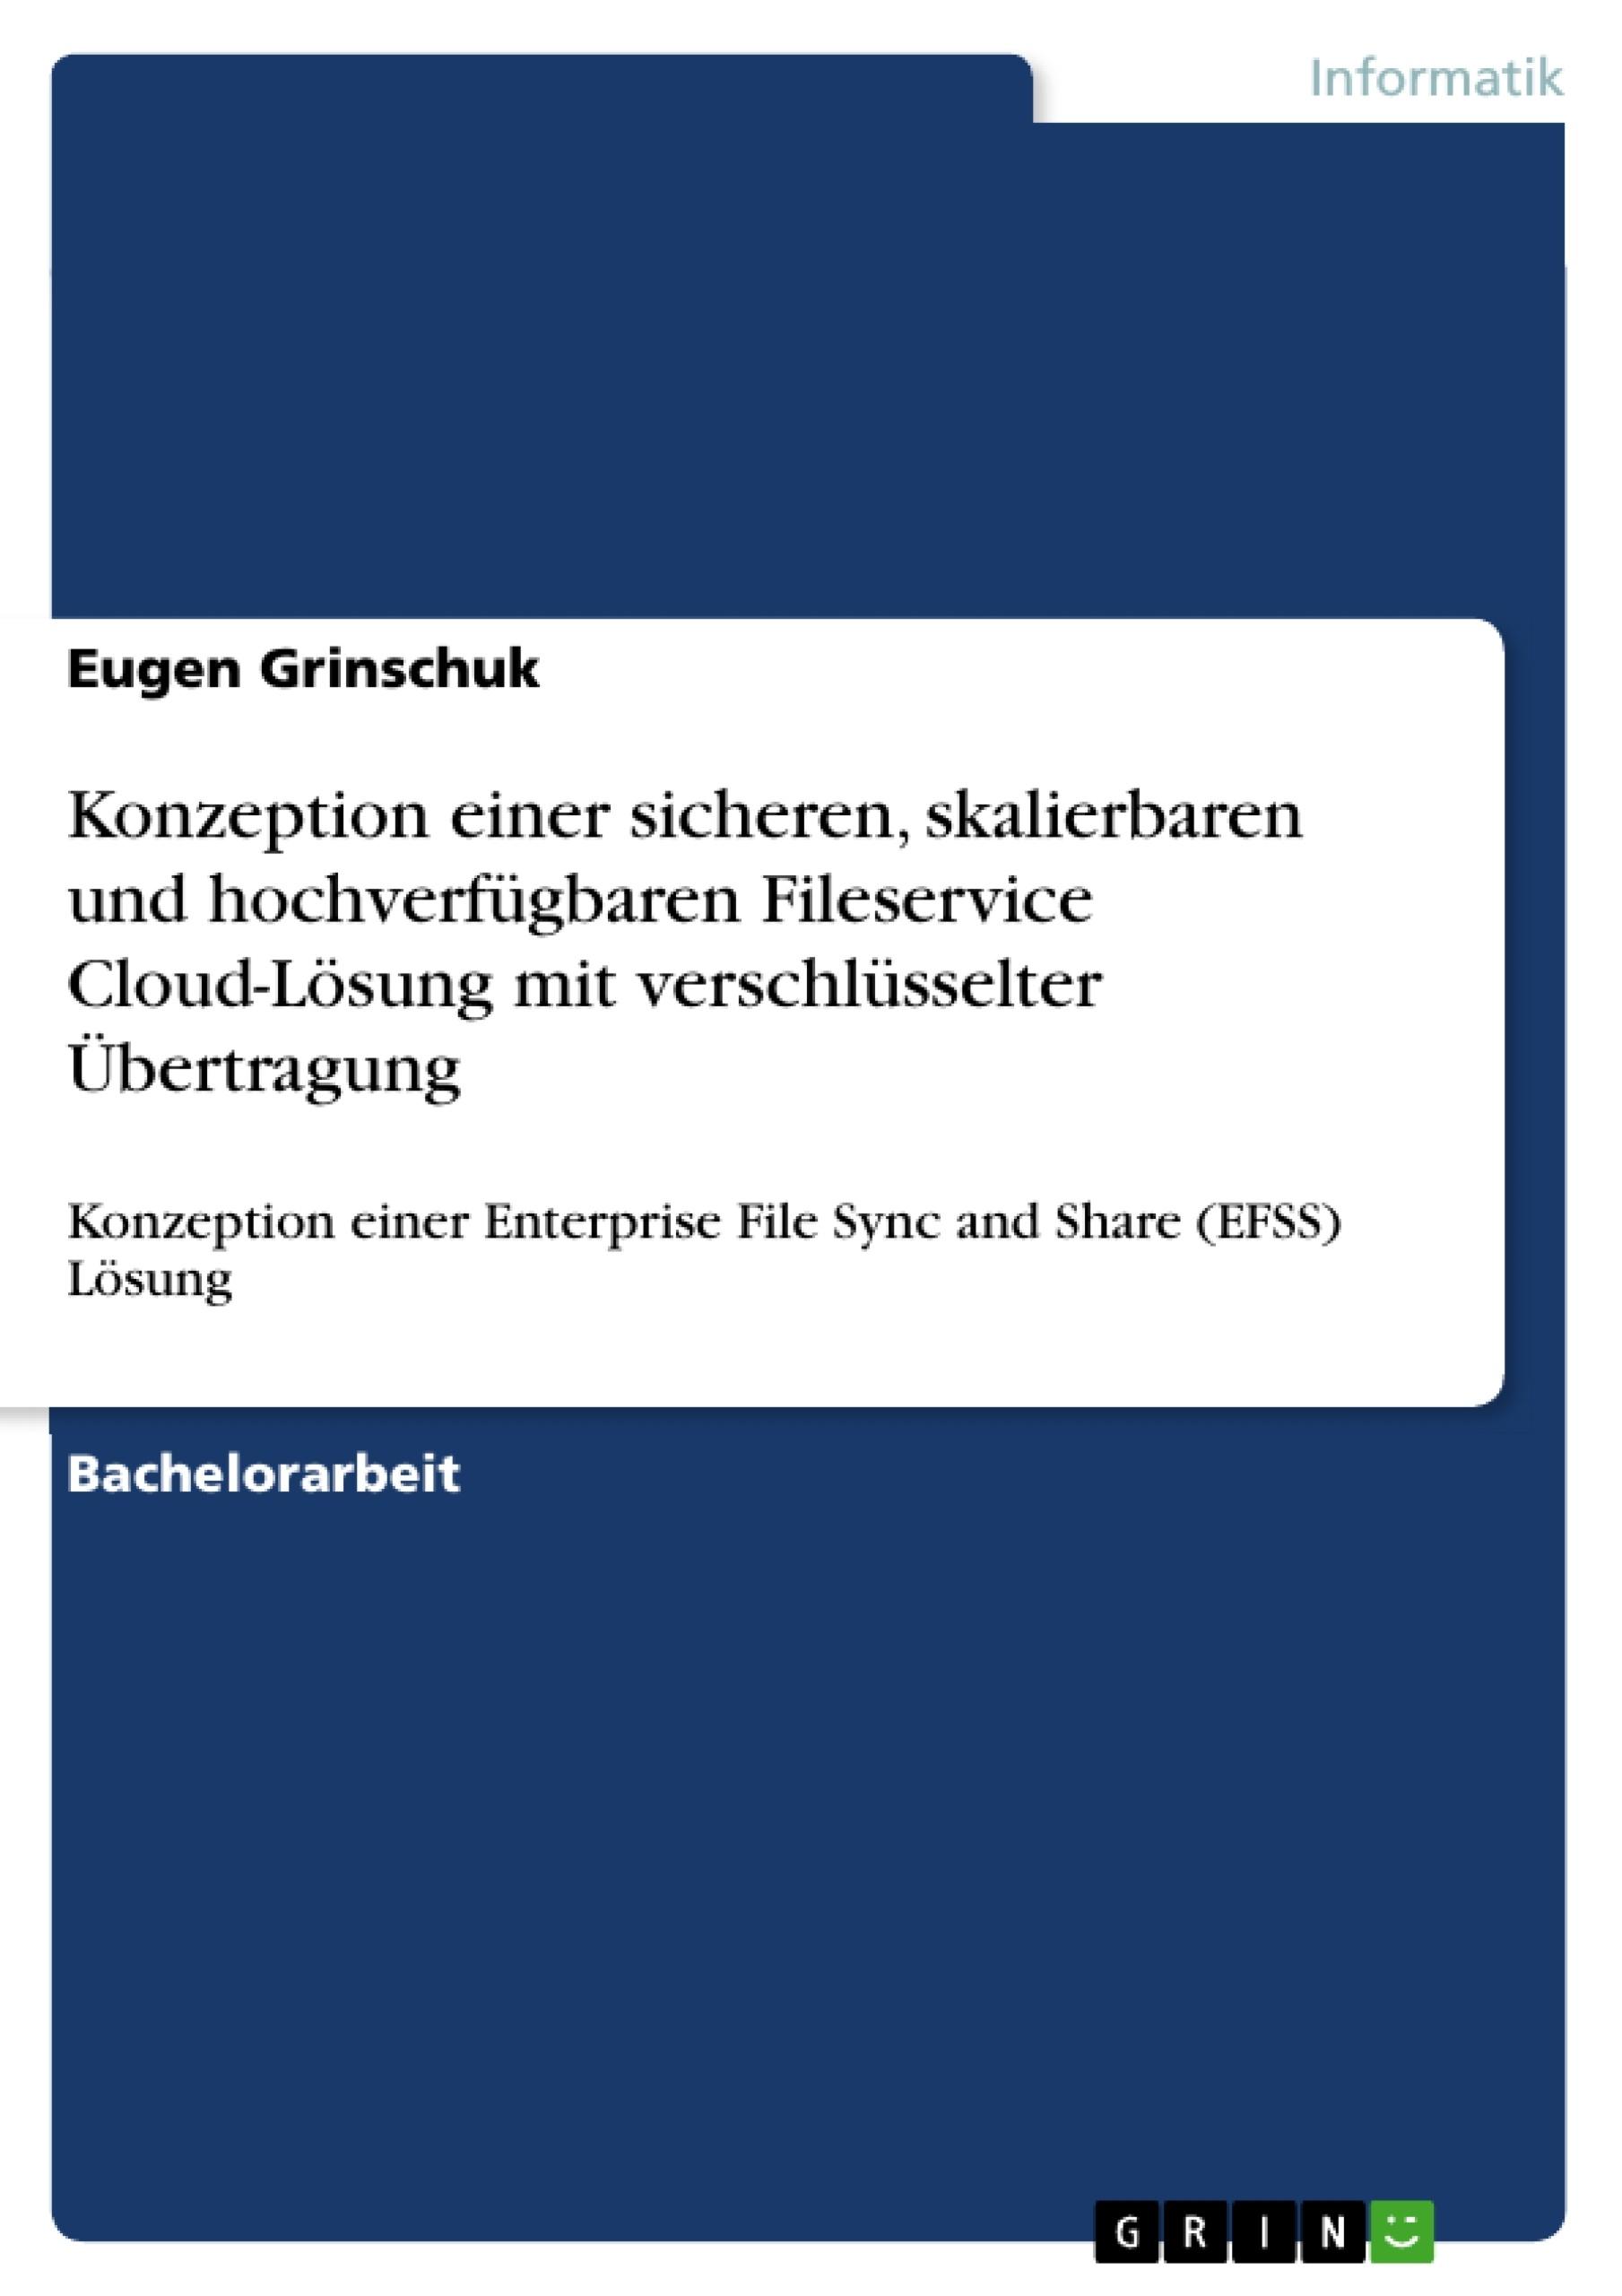 Titel: Konzeption einer sicheren, skalierbaren und hochverfügbaren Fileservice Cloud-Lösung mit verschlüsselter Übertragung